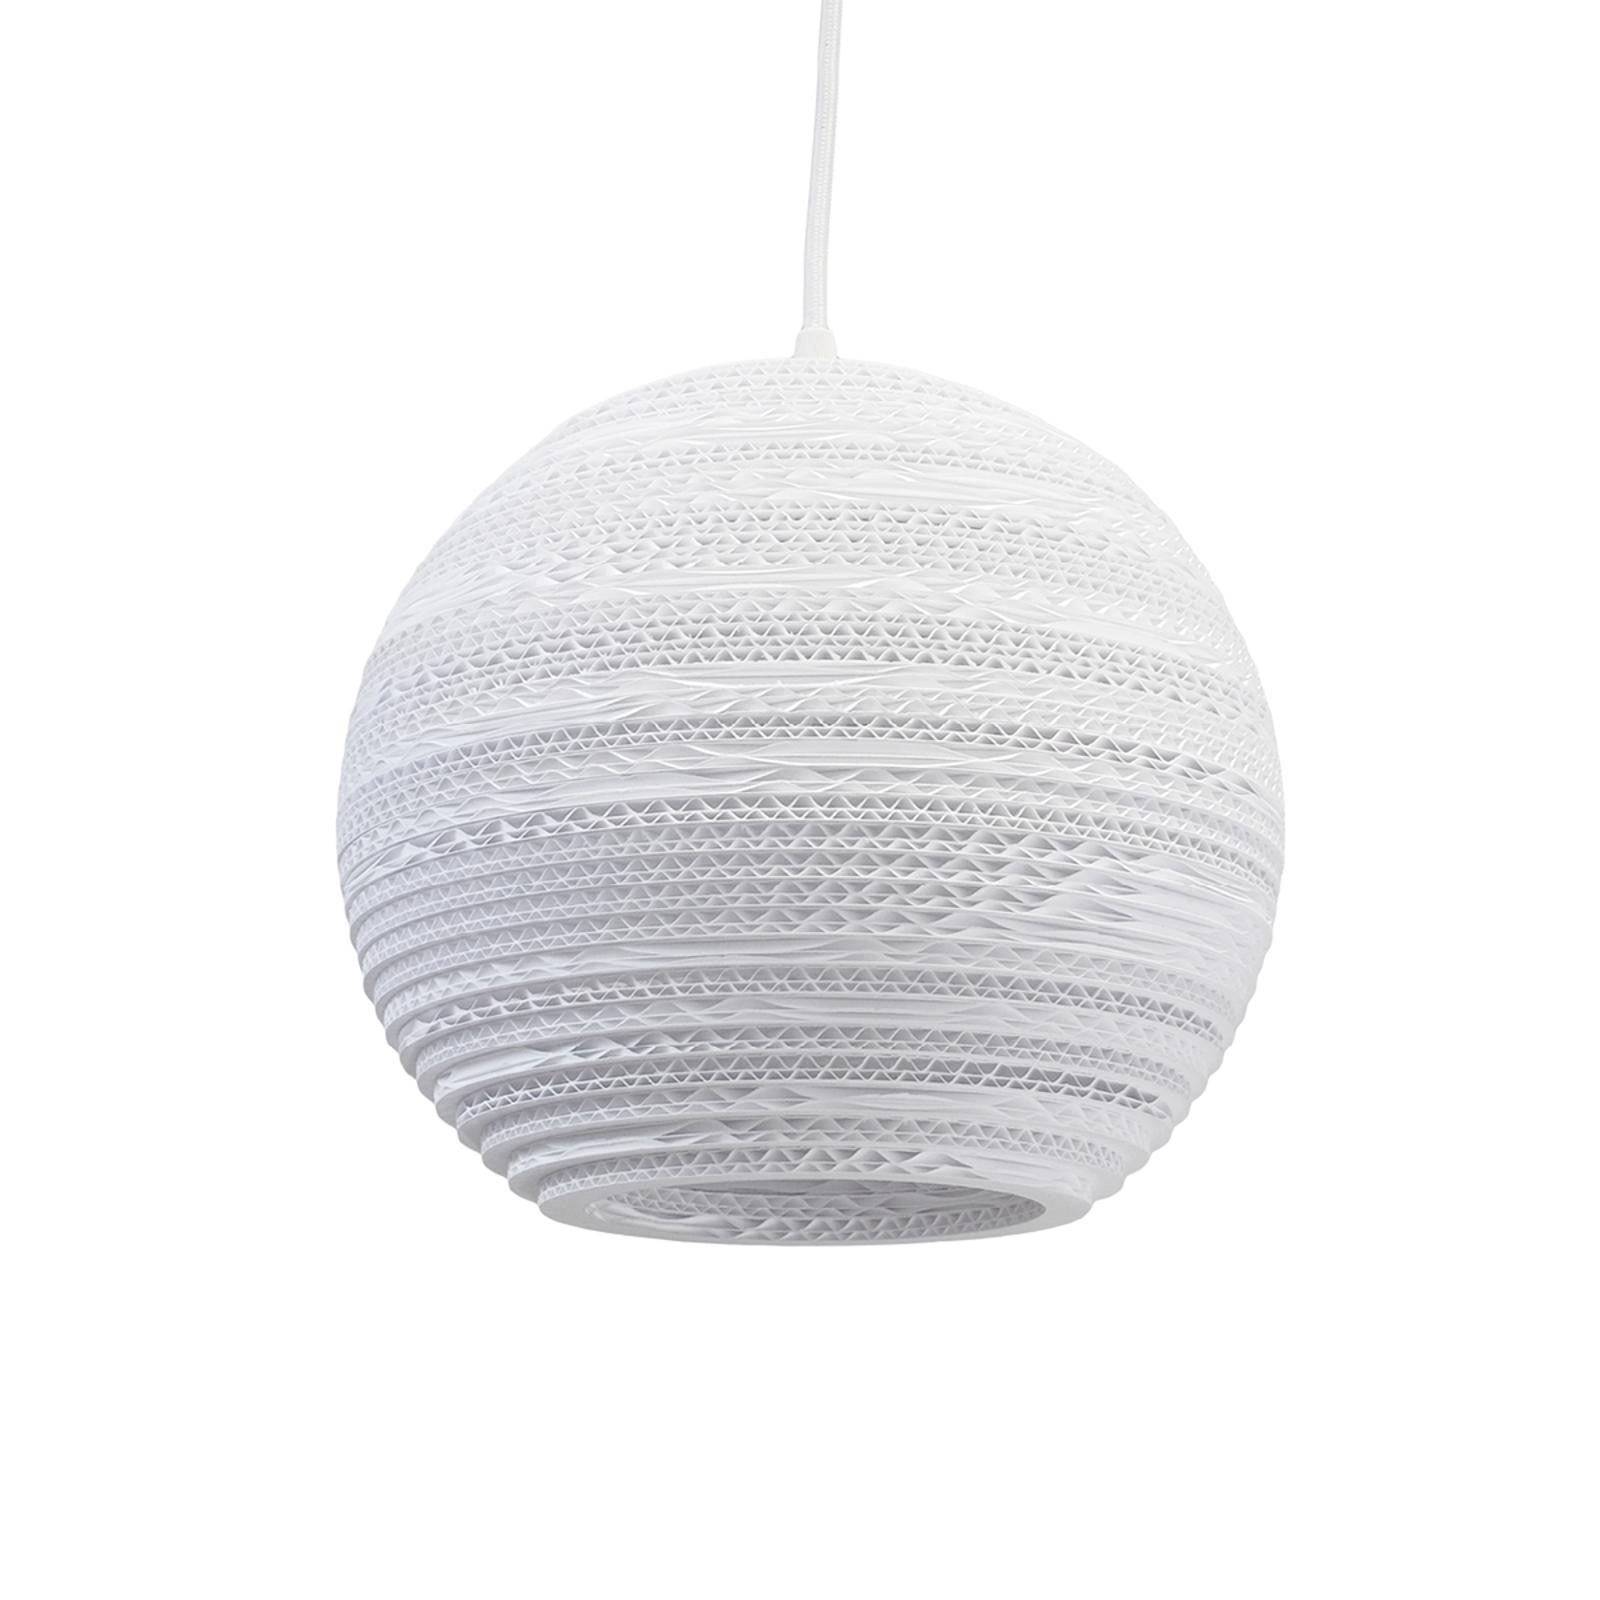 Kugelförmige Hängeleuchte Ball - Ø 26 cm